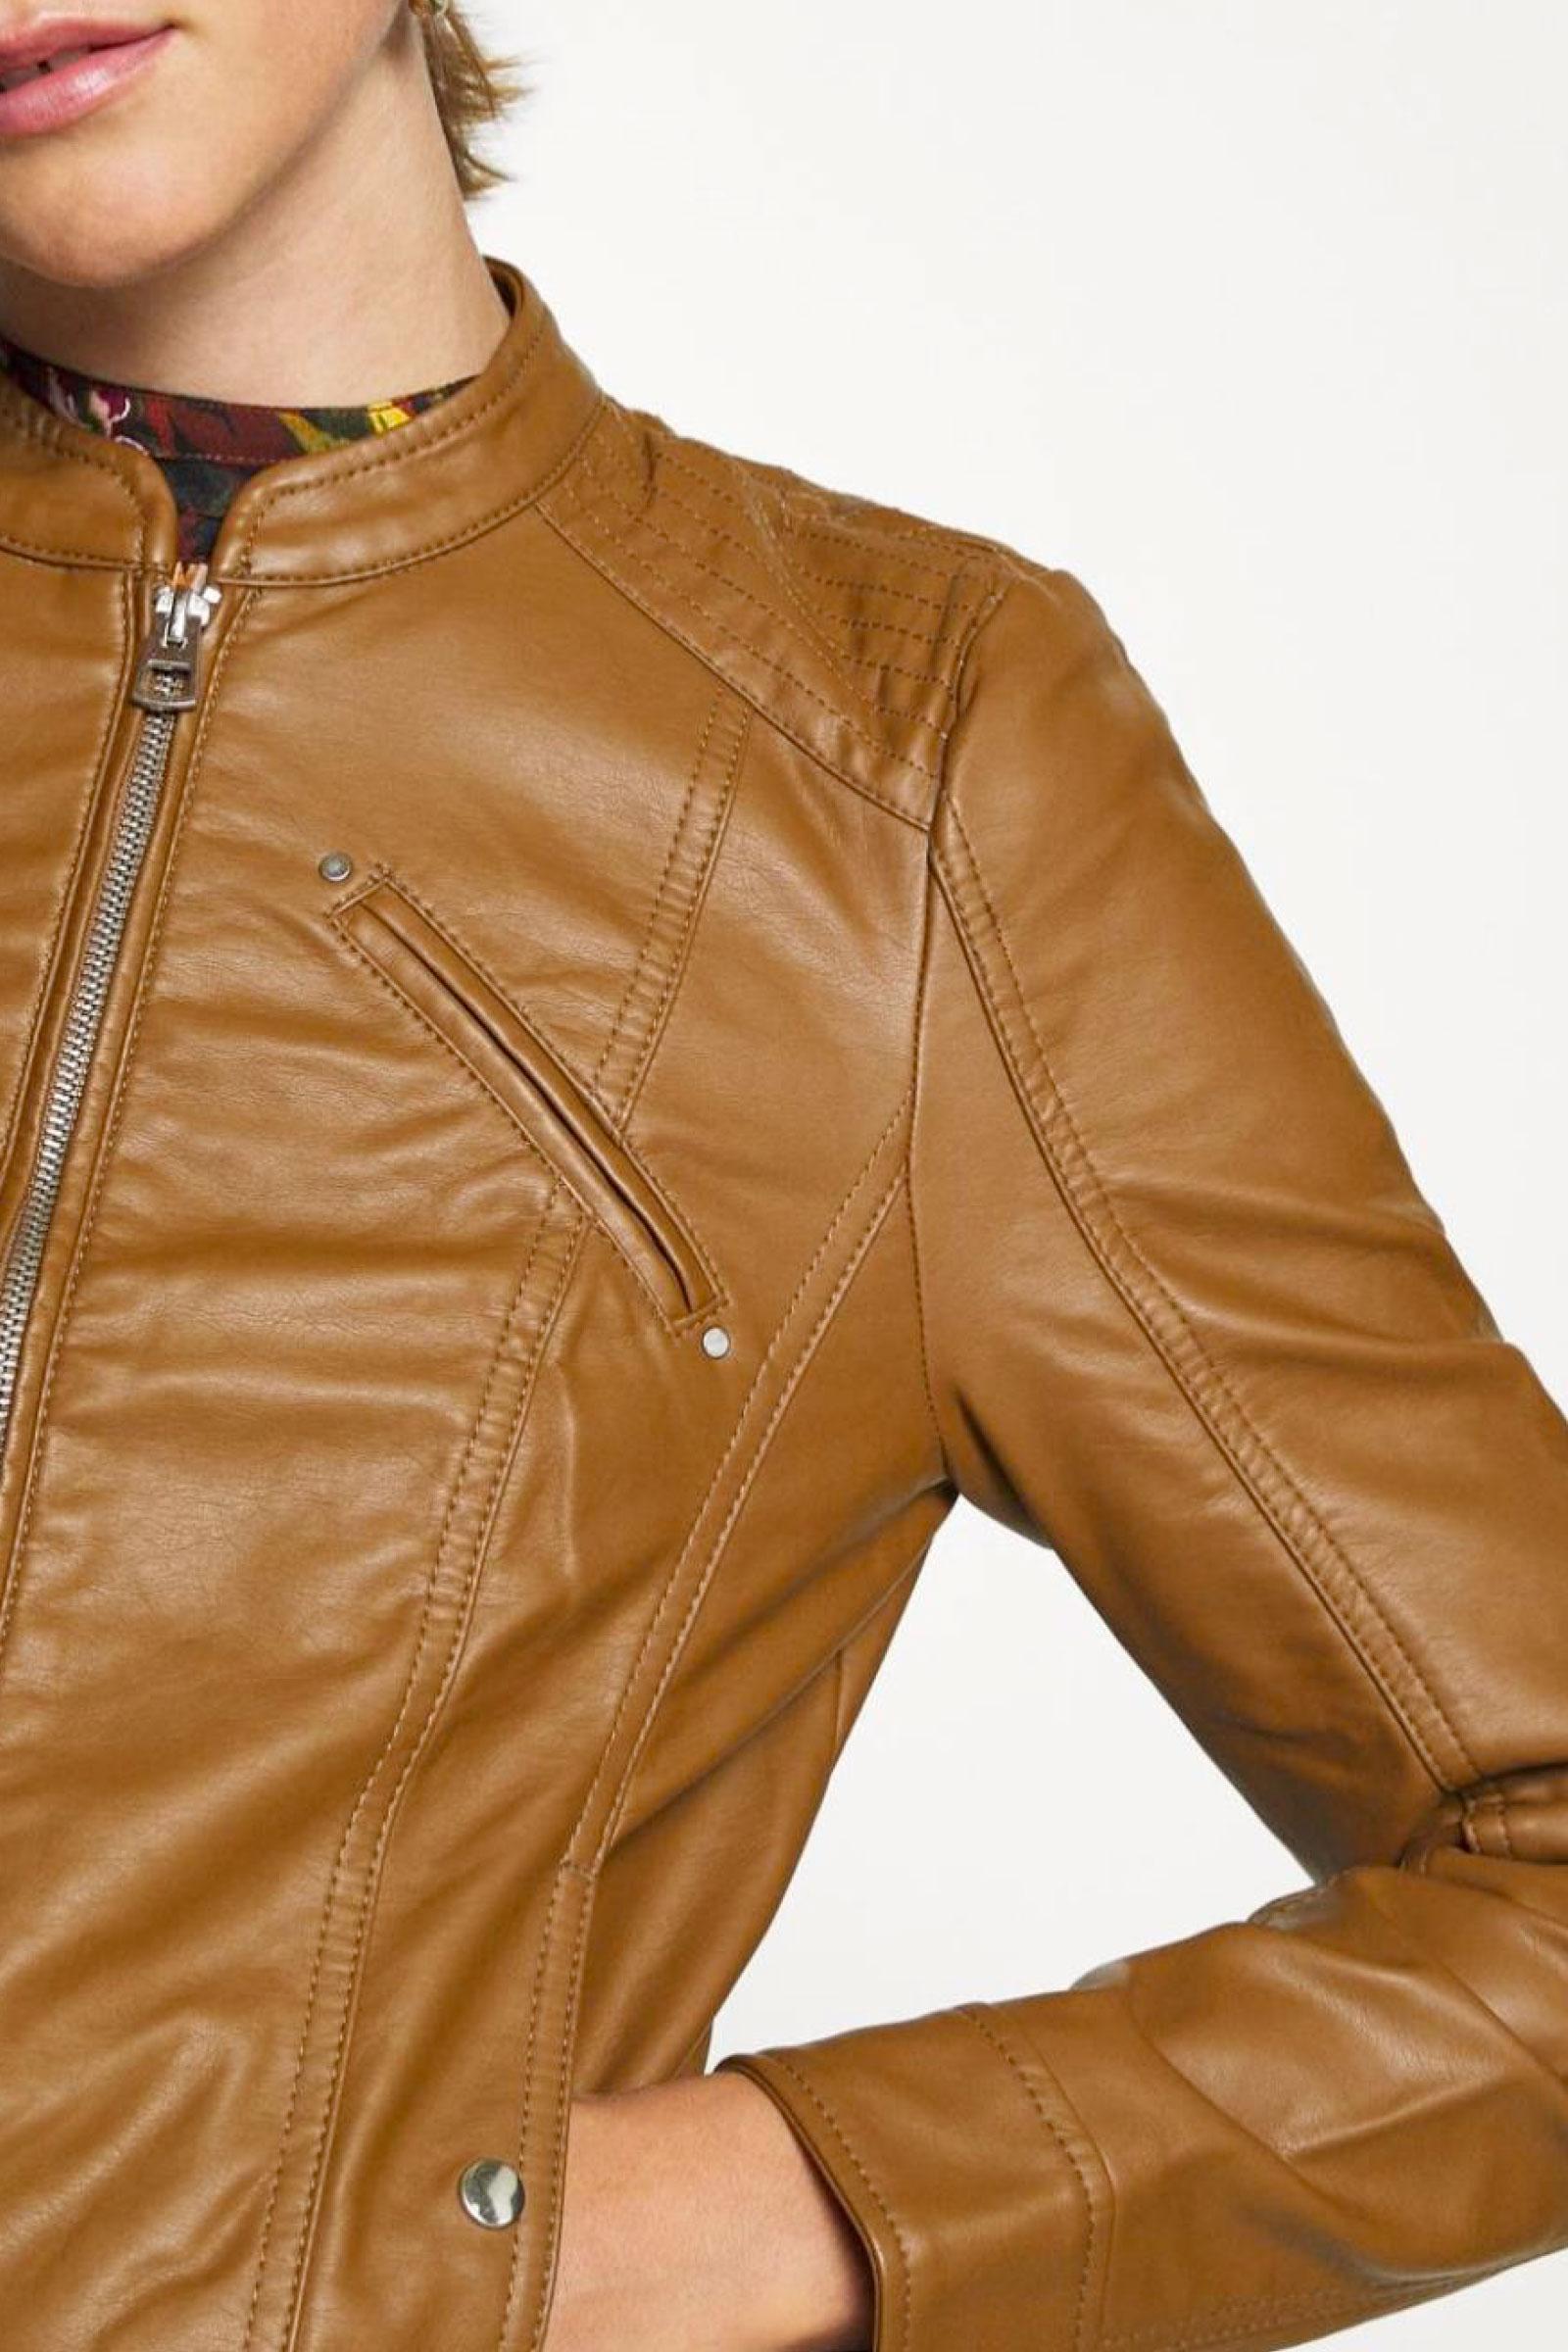 VERO MODA   Jacket   10230873Cognac